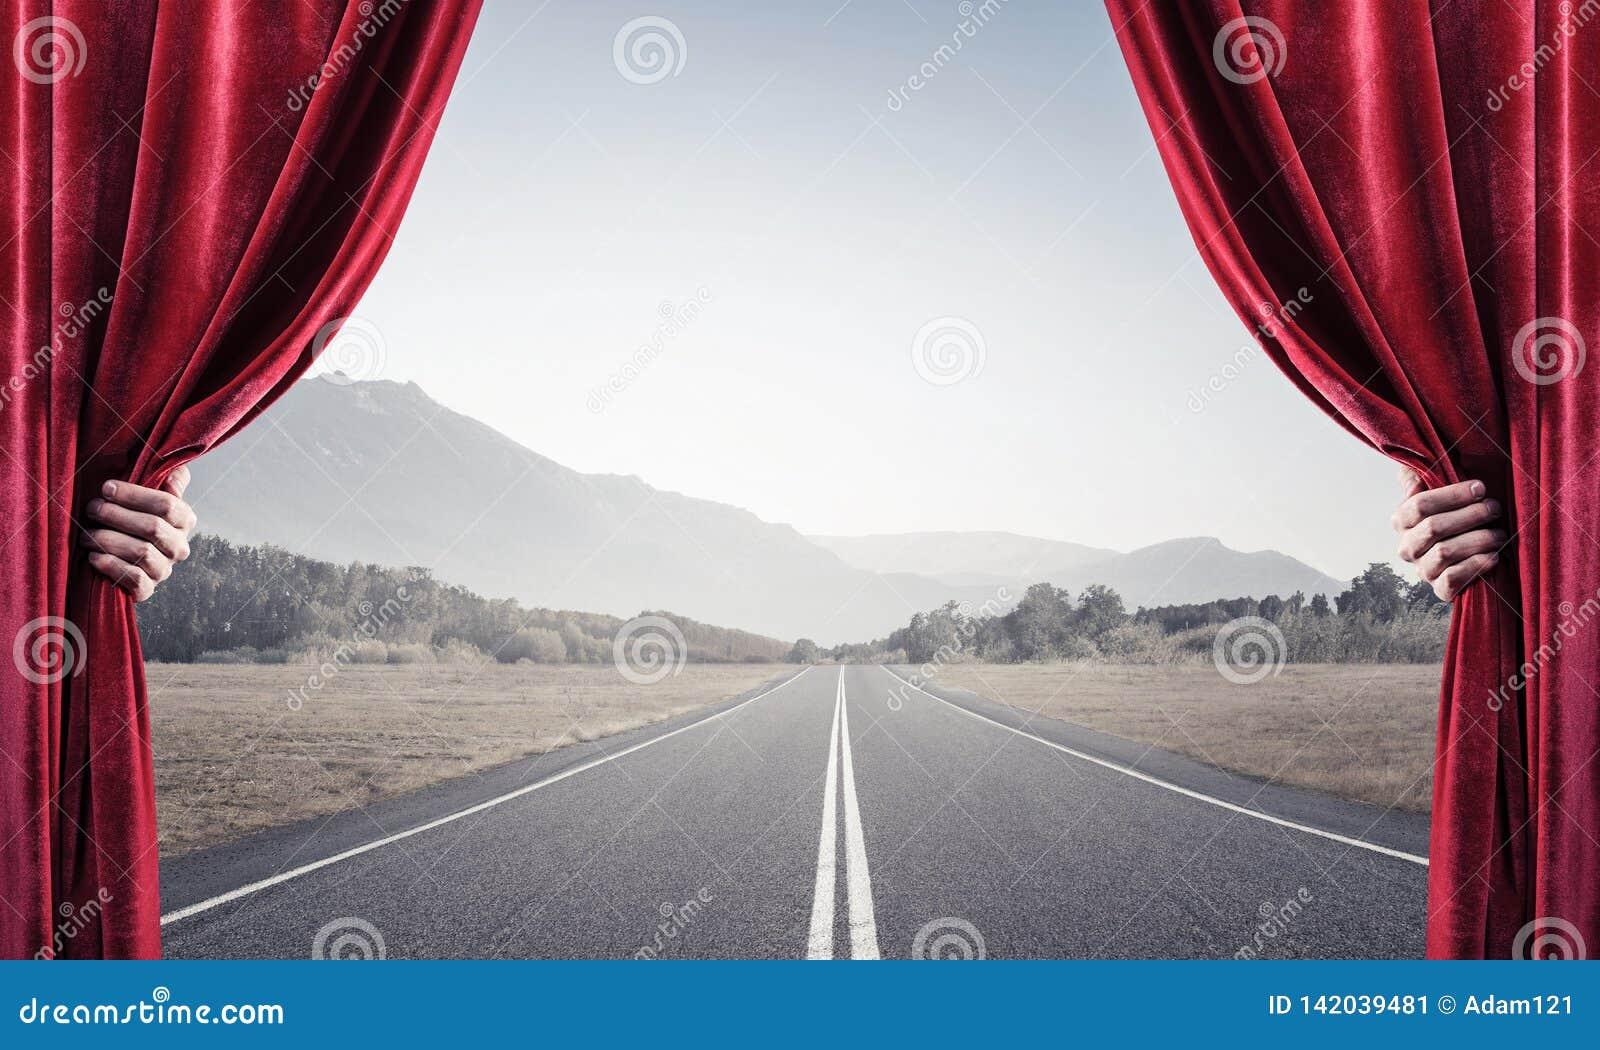 Asphaltstraße hinter rotem Vorhang und übergeben Sie das Halten er